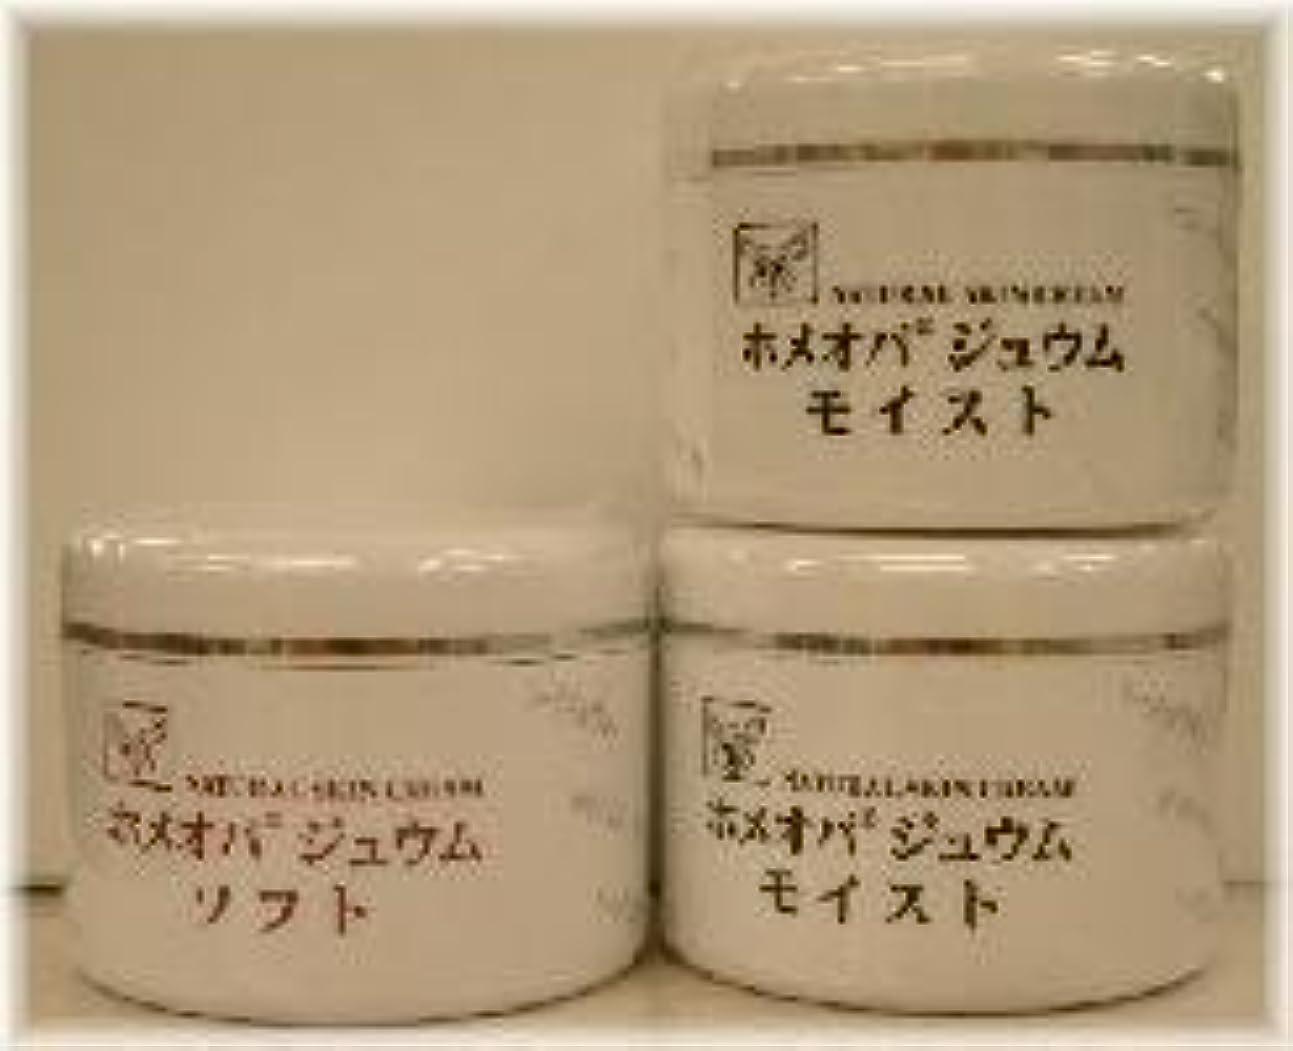 傾向発行哀れなホメオパジュウム スキンケア商品3点 ¥10500クリームモイスト2個+クリームソフト